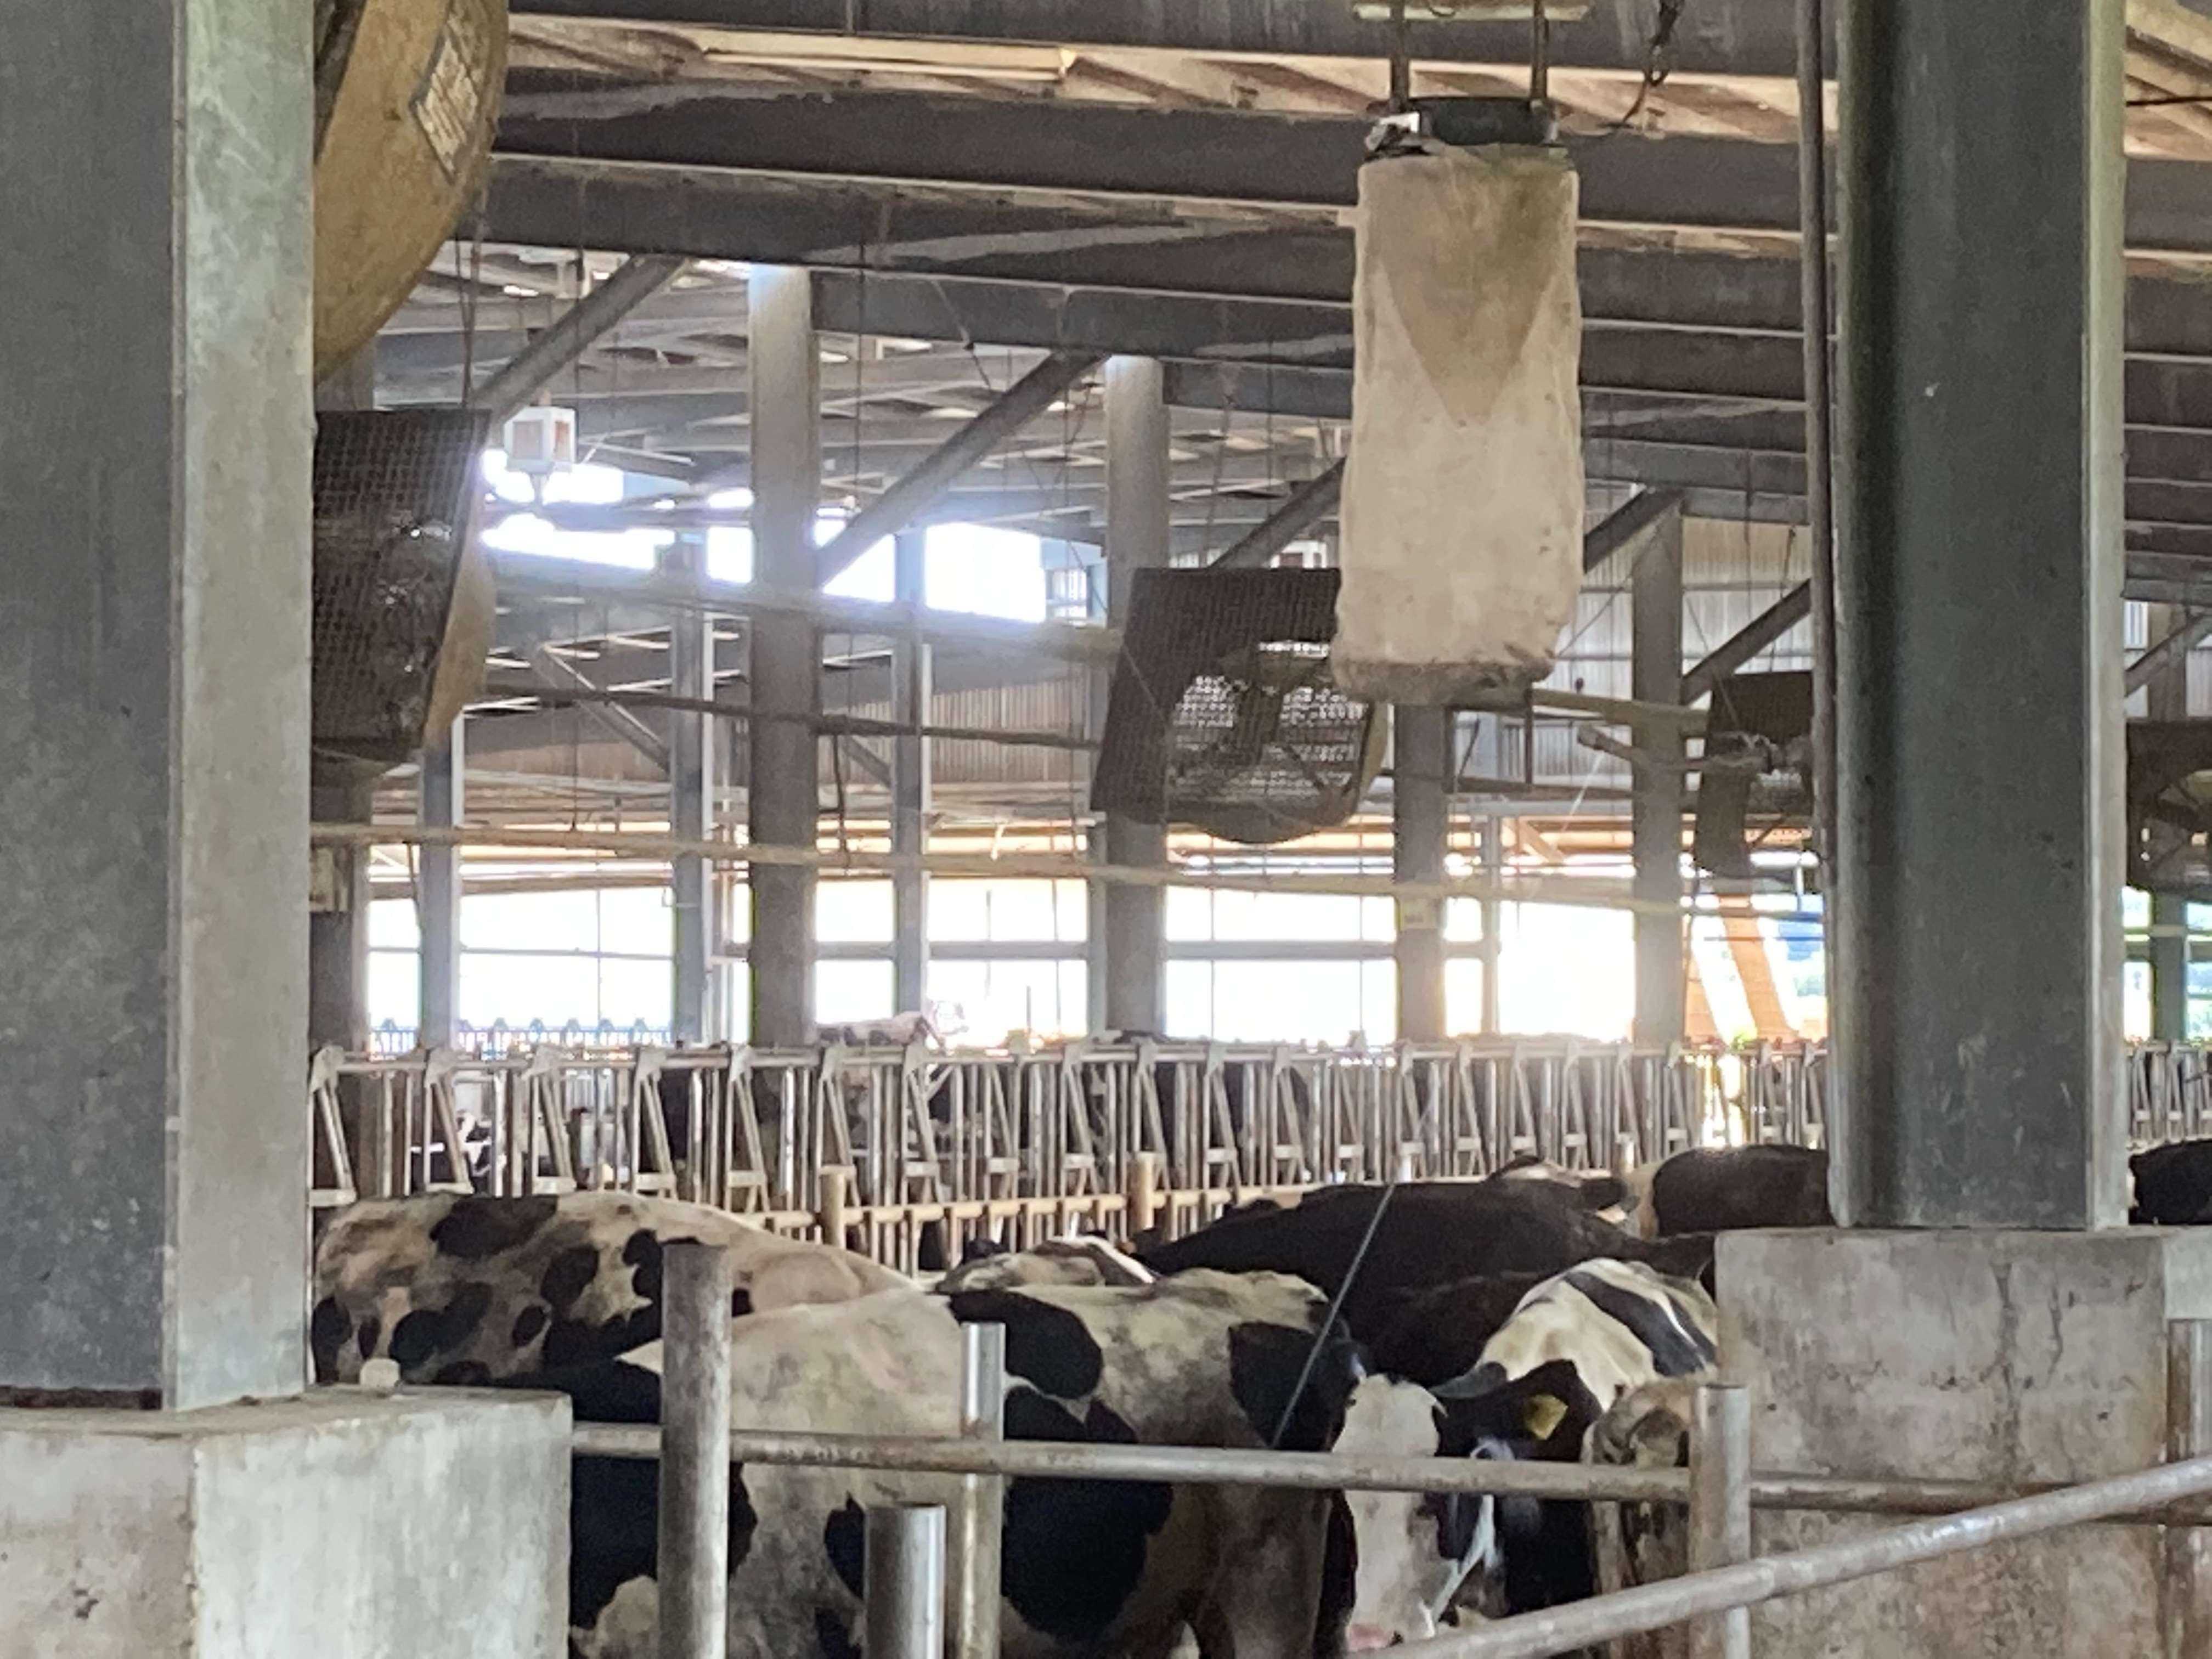 加強場內各項生物安全措施,吊掛捕蚊設備,每日檢查牛隻健康情形